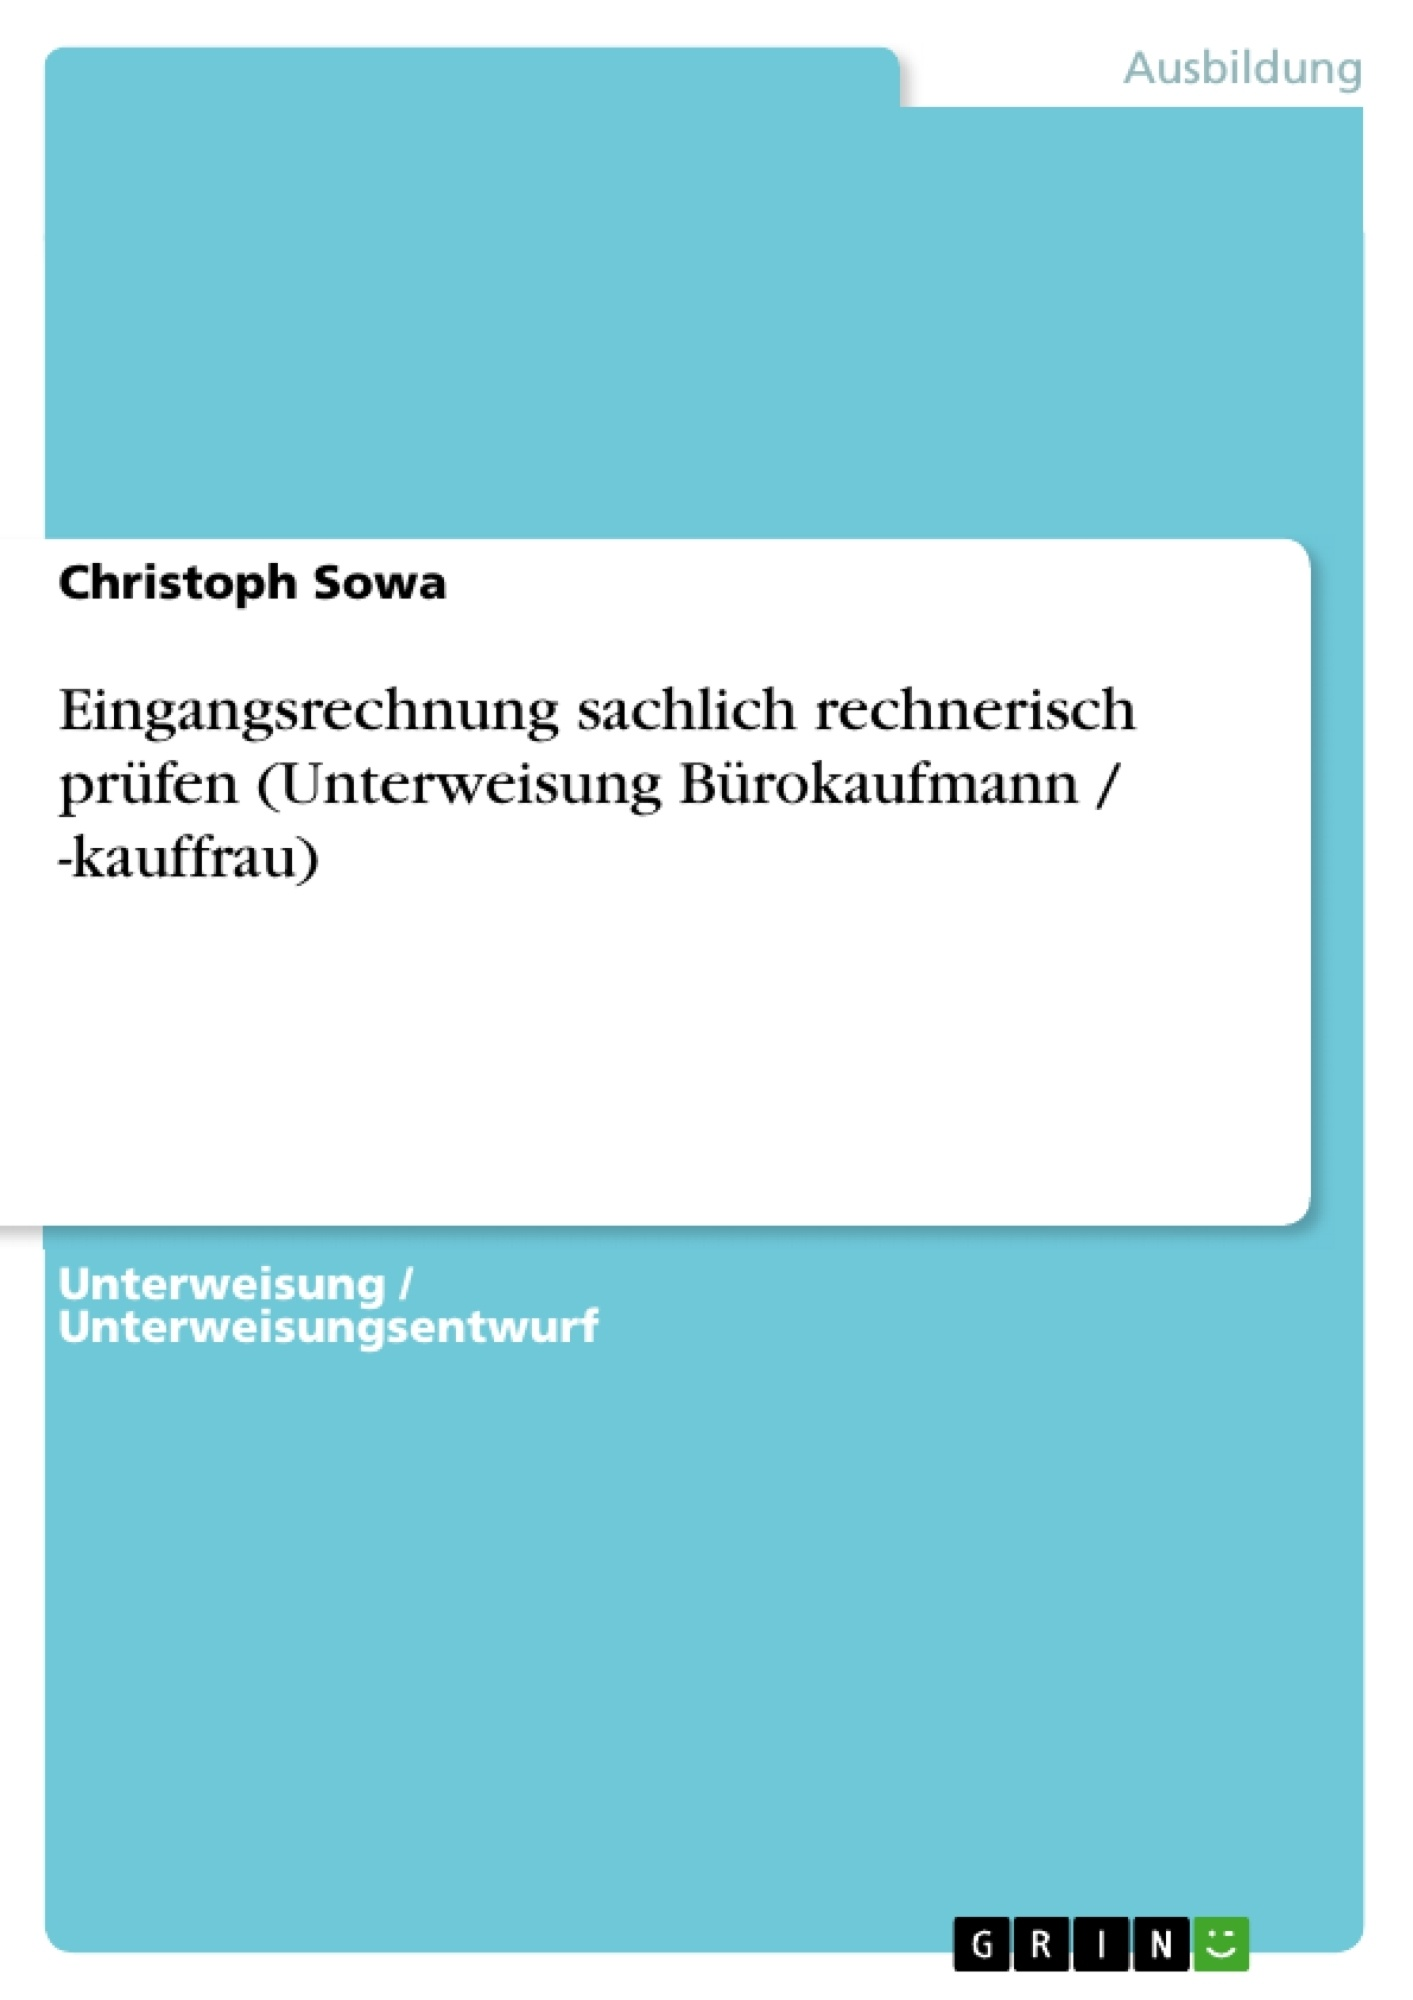 Titel: Eingangsrechnung sachlich rechnerisch prüfen (Unterweisung Bürokaufmann / -kauffrau)